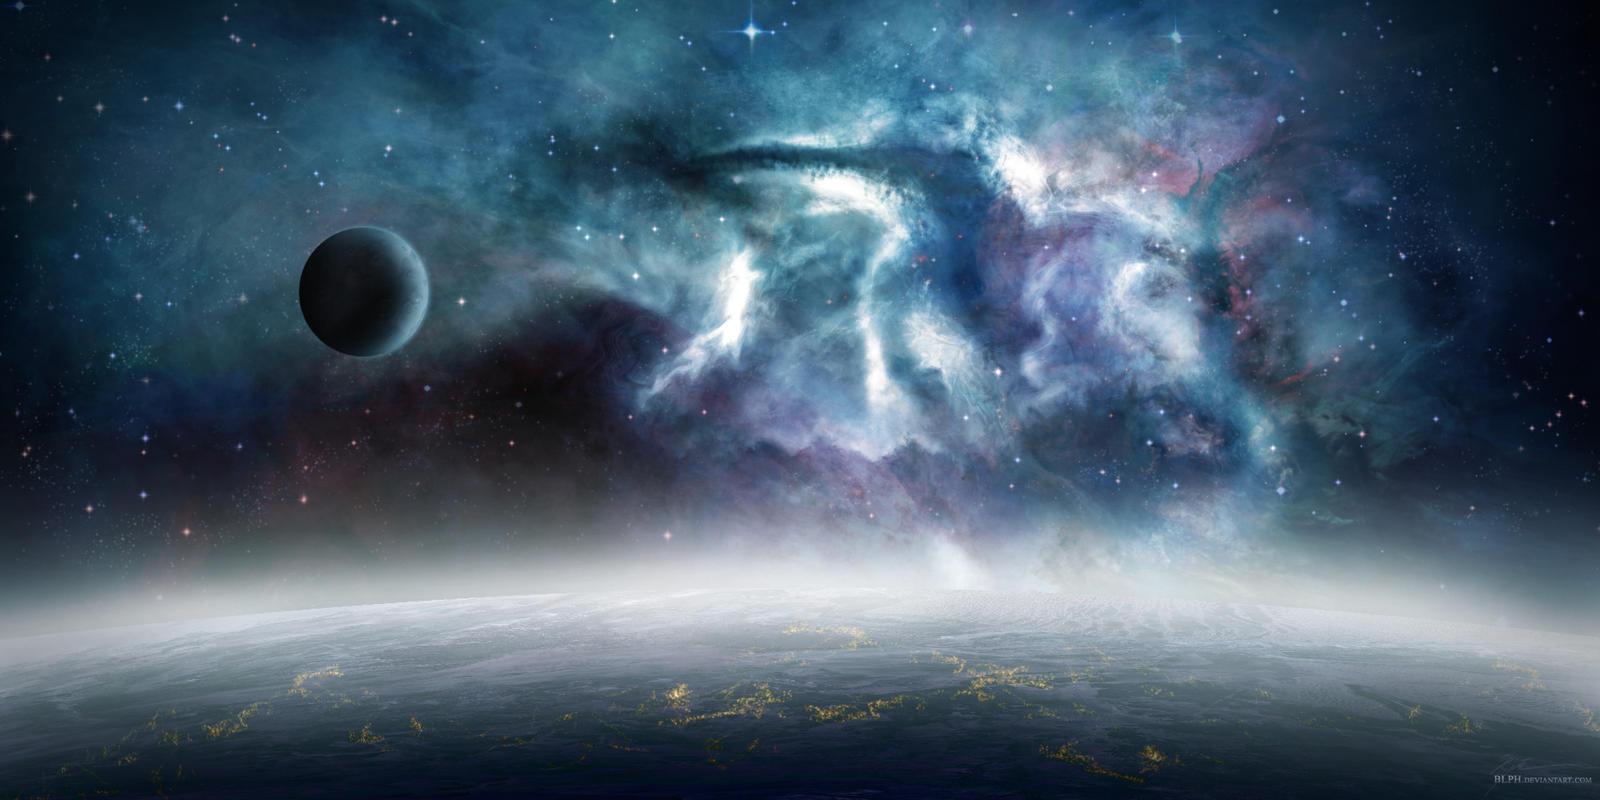 Yet another nebula-speedy by BLPH